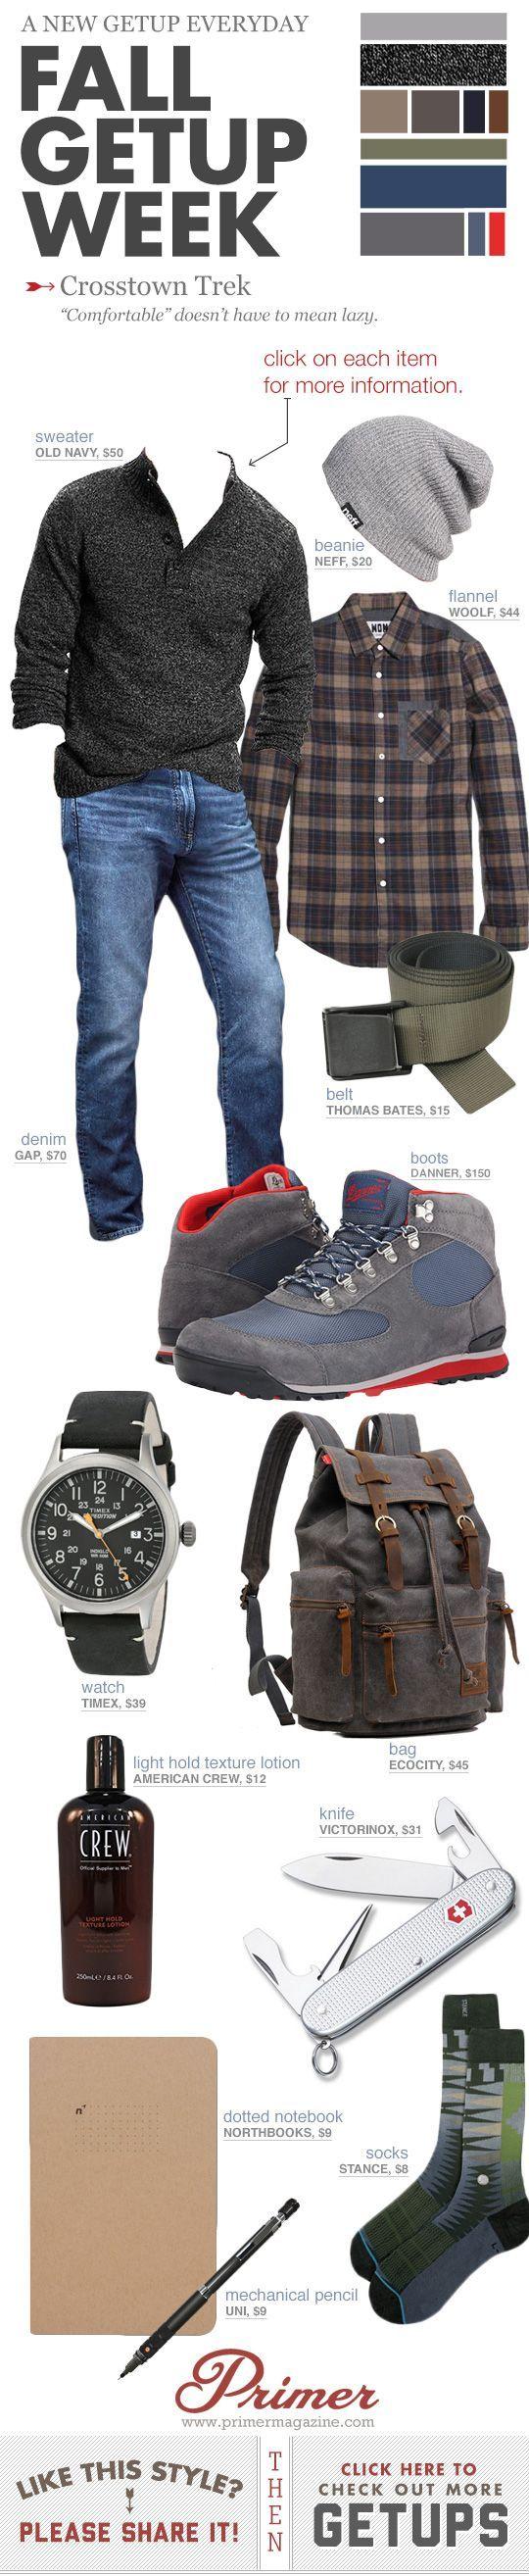 Fall Getup Week: Crosstown Trek   Primer - mens clothing deals, mens clothing websites, mens wear clothing